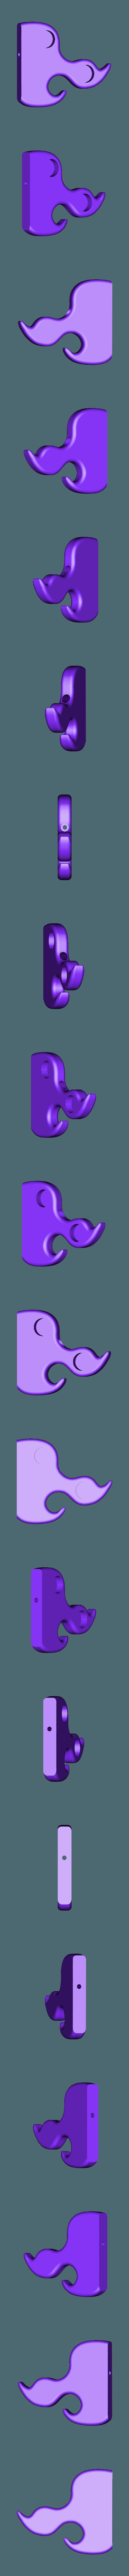 towel_hanger_right.stl Télécharger fichier STL gratuit Porte-serviettes de salle de bain / Porte-serviettes • Design imprimable en 3D, sokinkeso